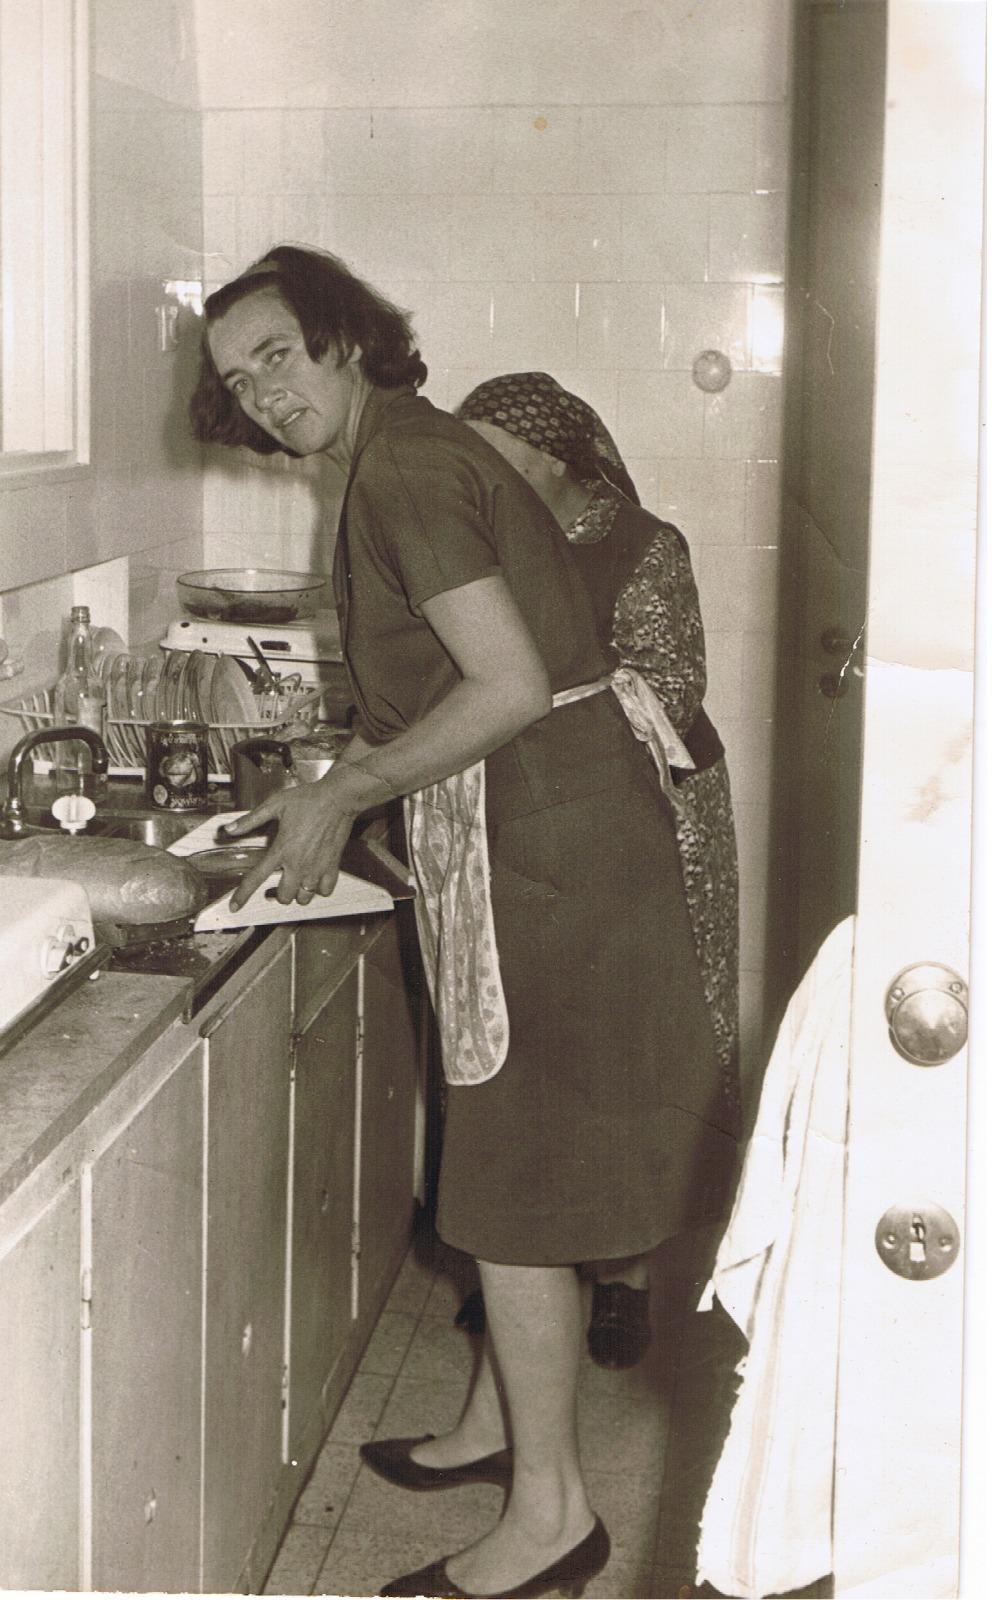 מלכה גנץ במטבחה בשנת 1967 (צילום: יוסי פונס)